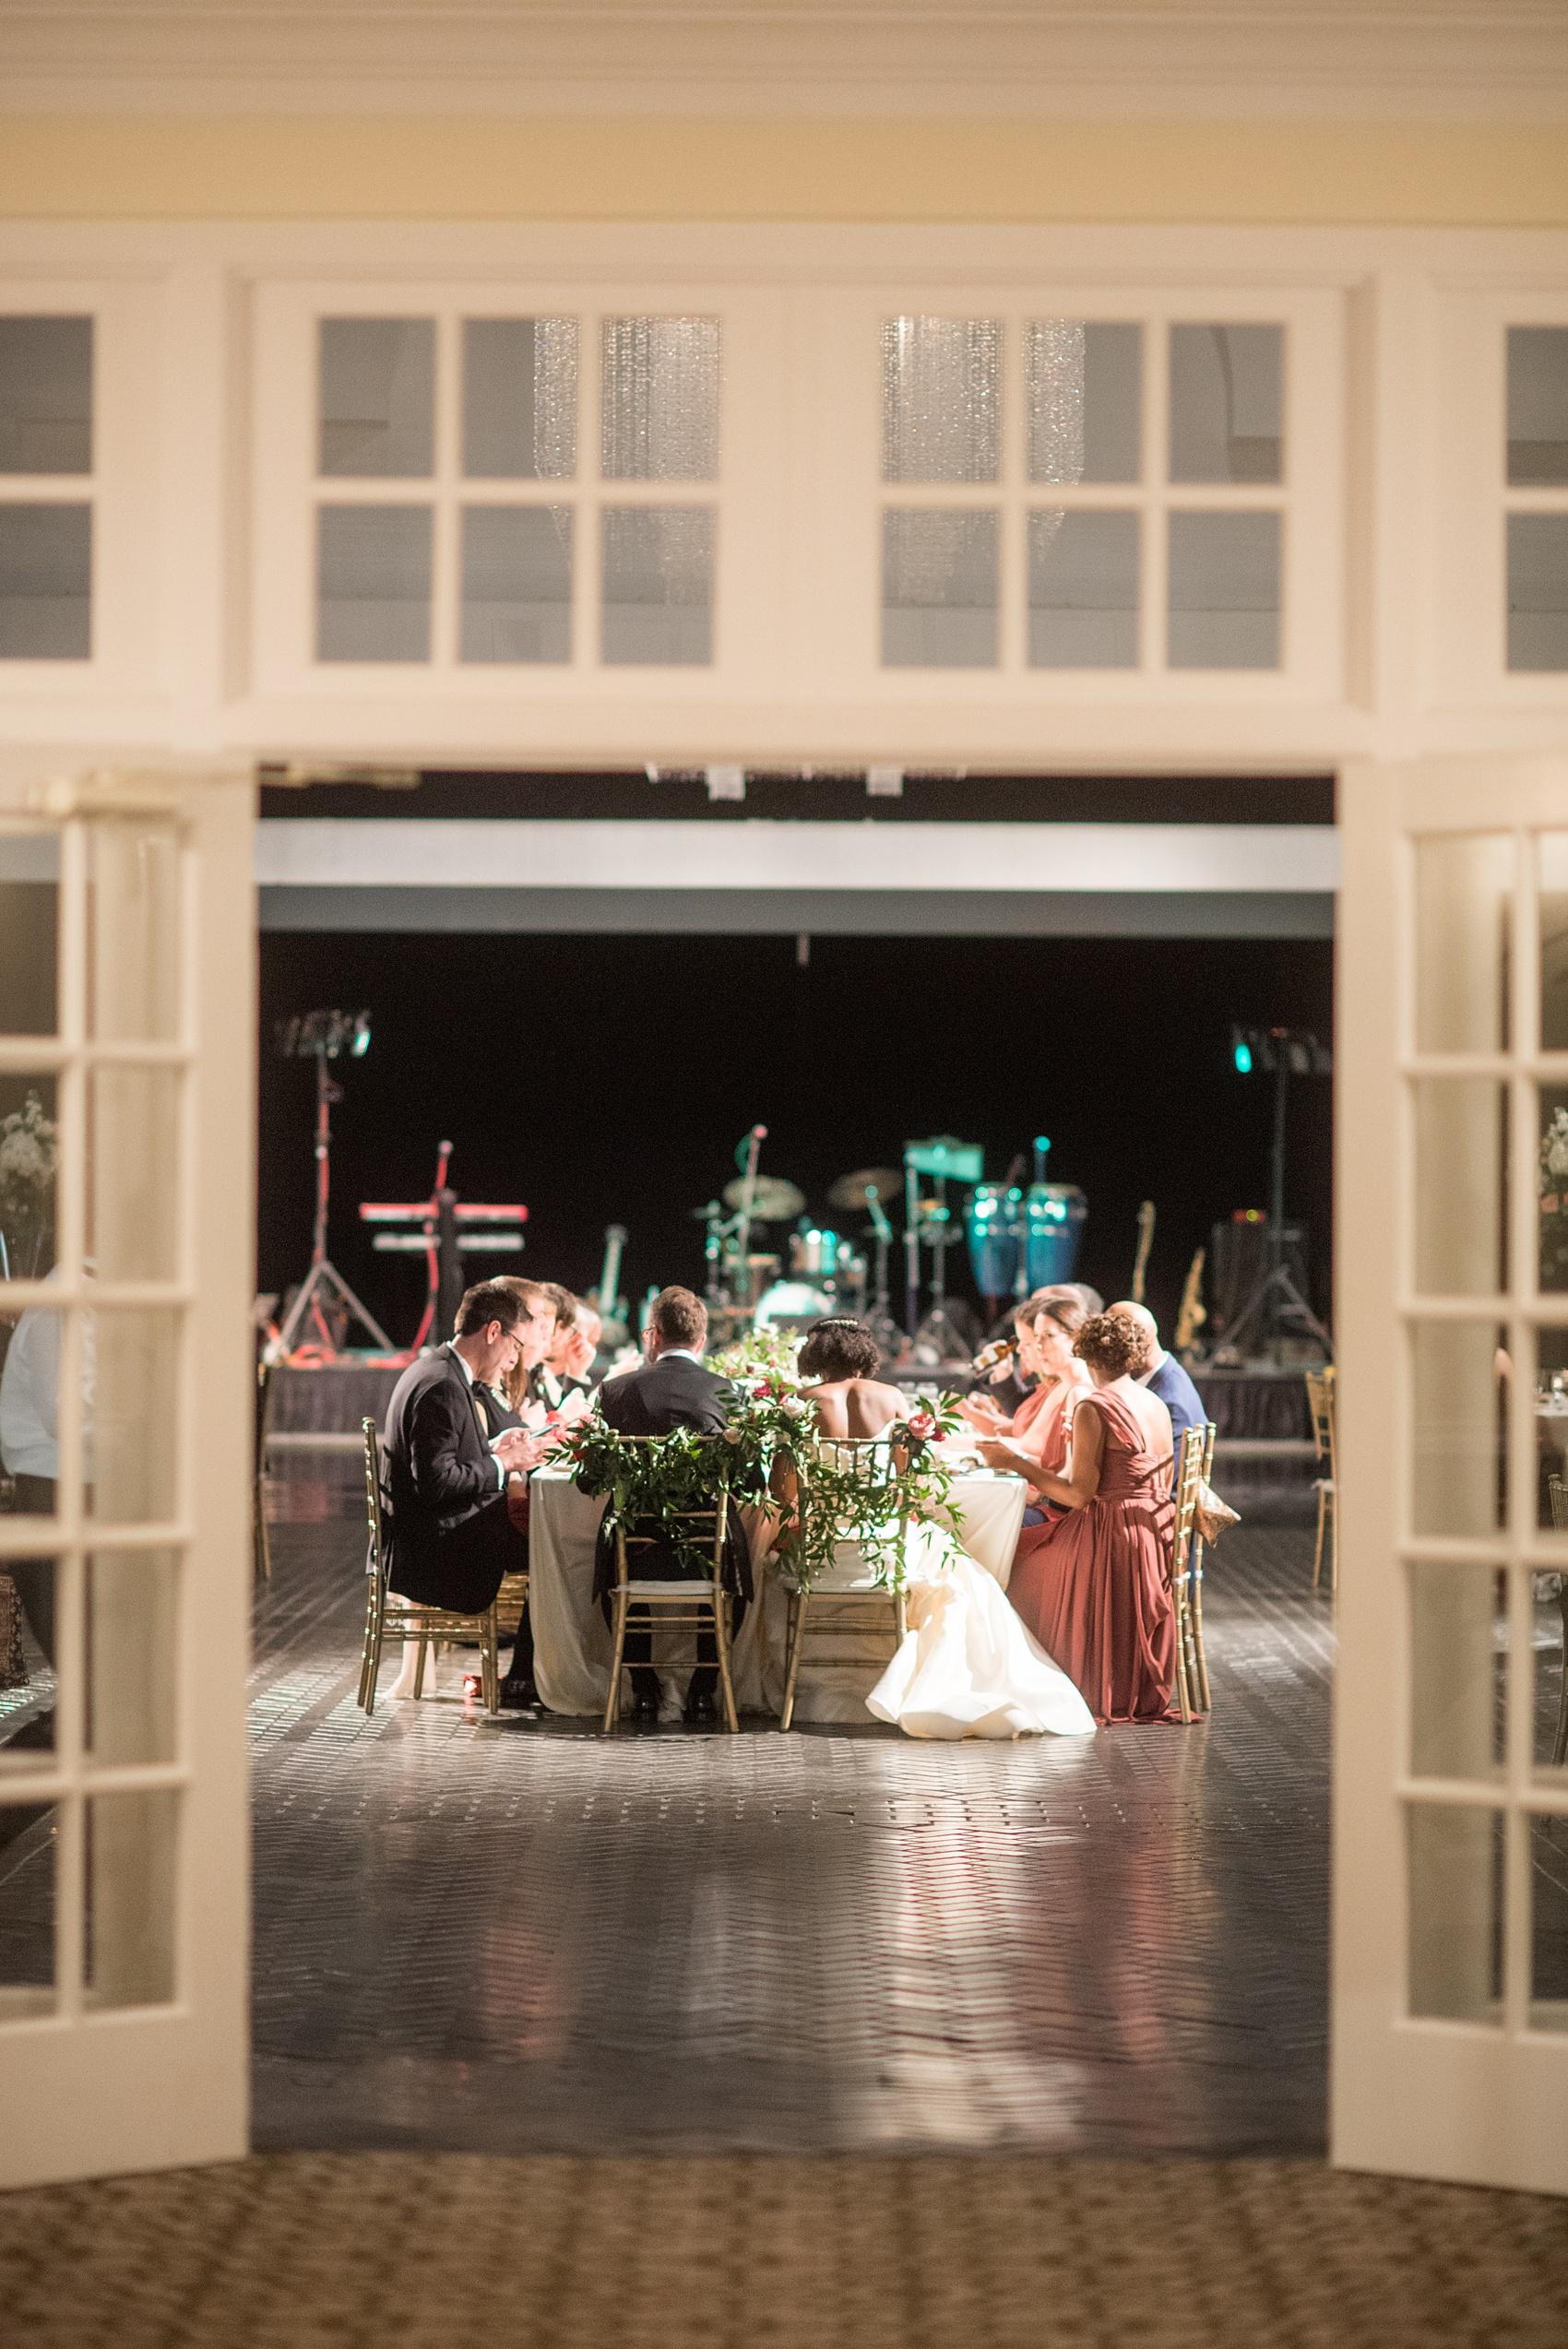 Greenville Nc Wedding Photos At Rock Springs Center